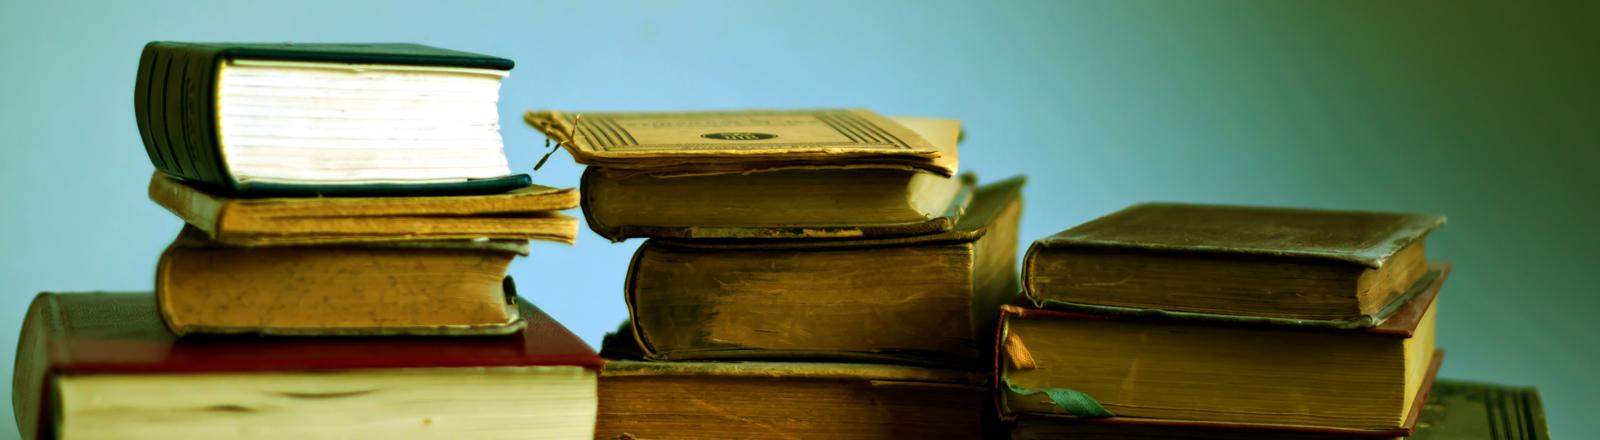 Drei Stapel alter Bücher